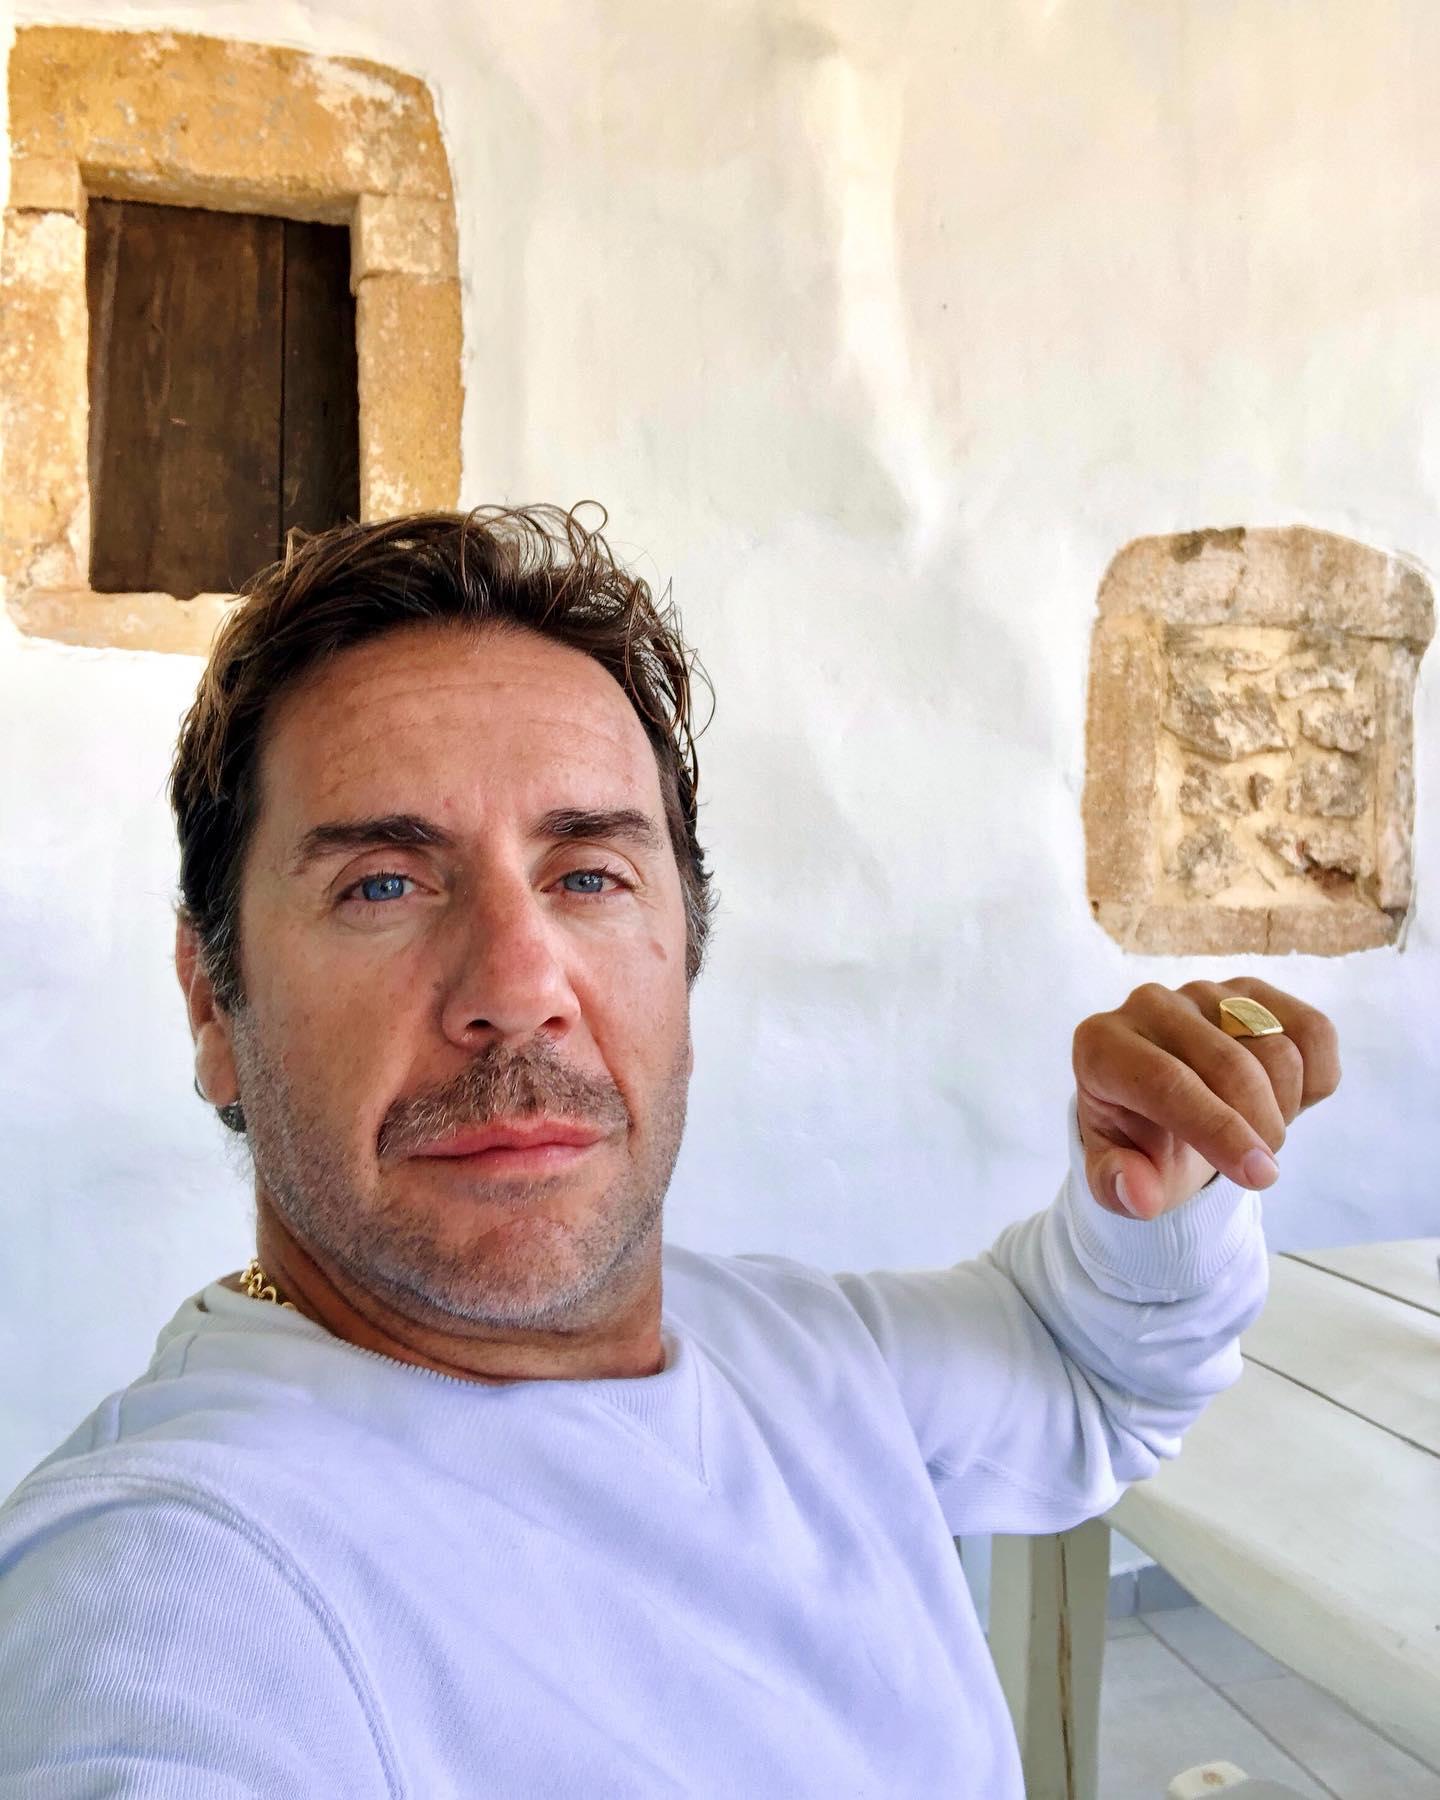 Γιώργος Μαζωνάκης: Για αυτό τον λόγο μπήκα στο ψυχιατρείο